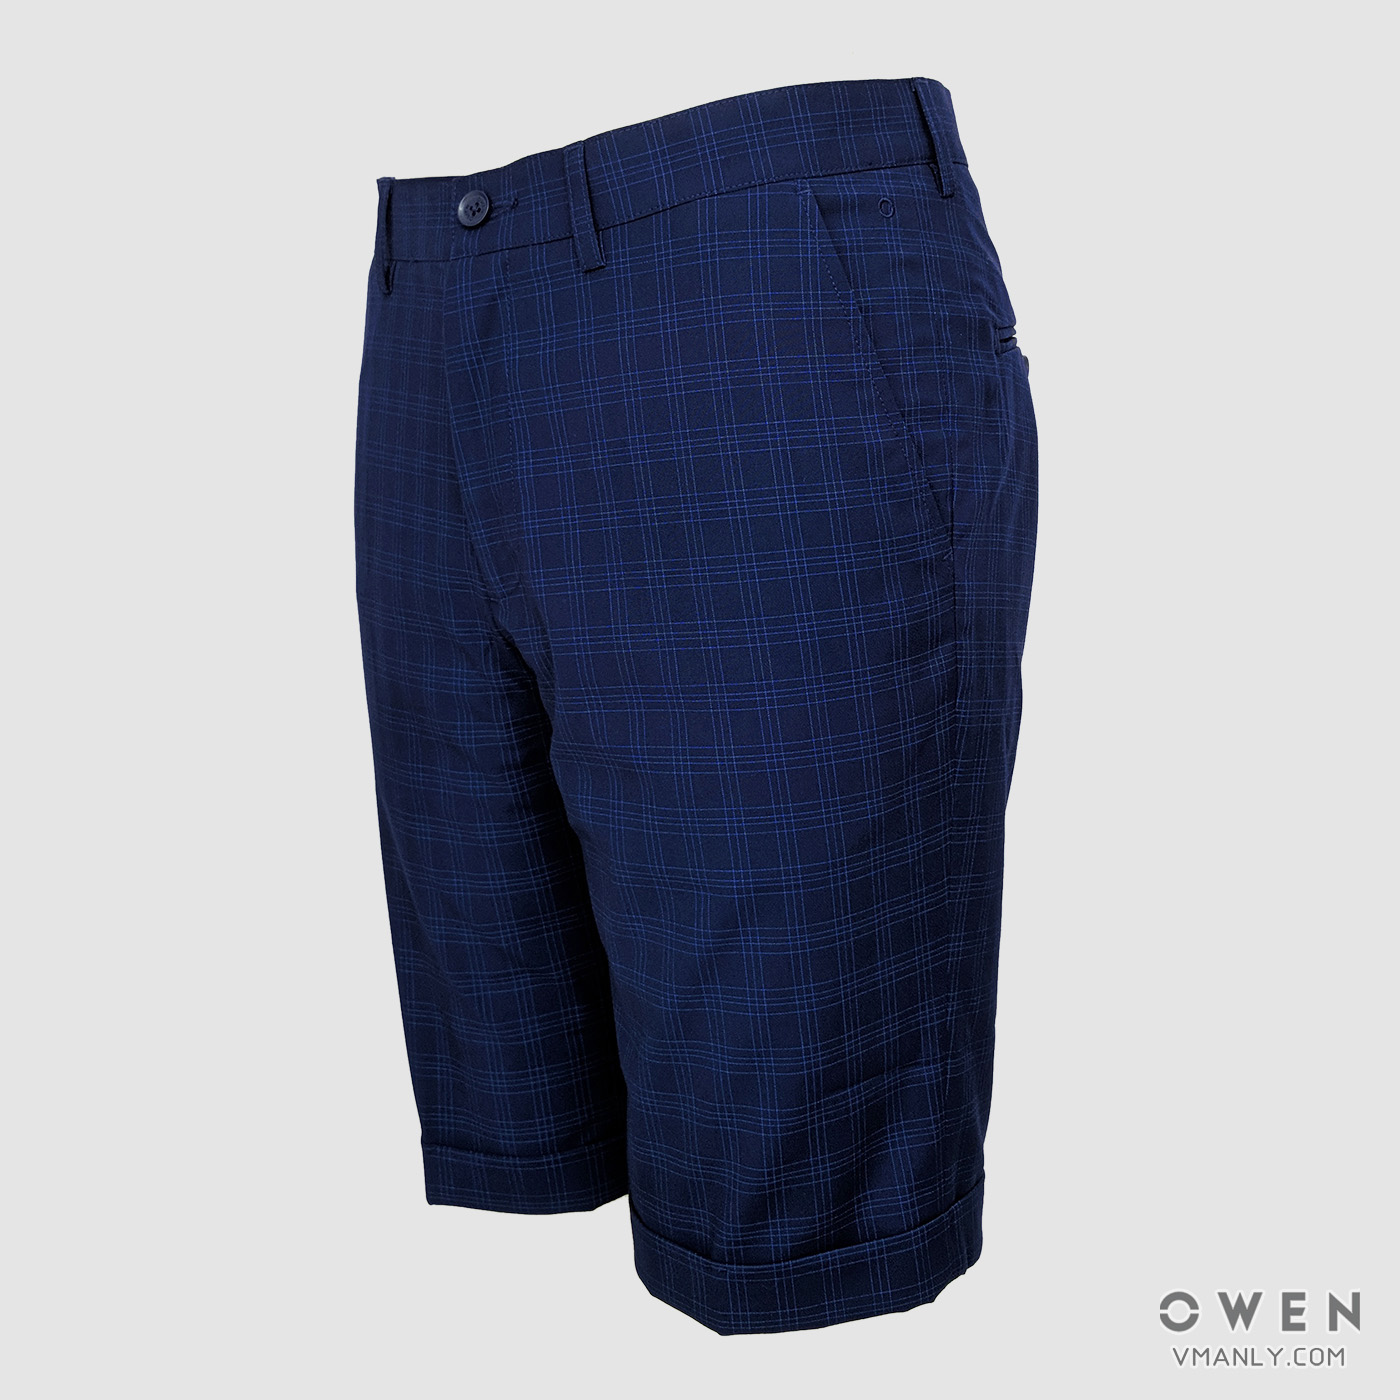 Quần short nam Owen kẻ sọc ca rô xanh SV90571